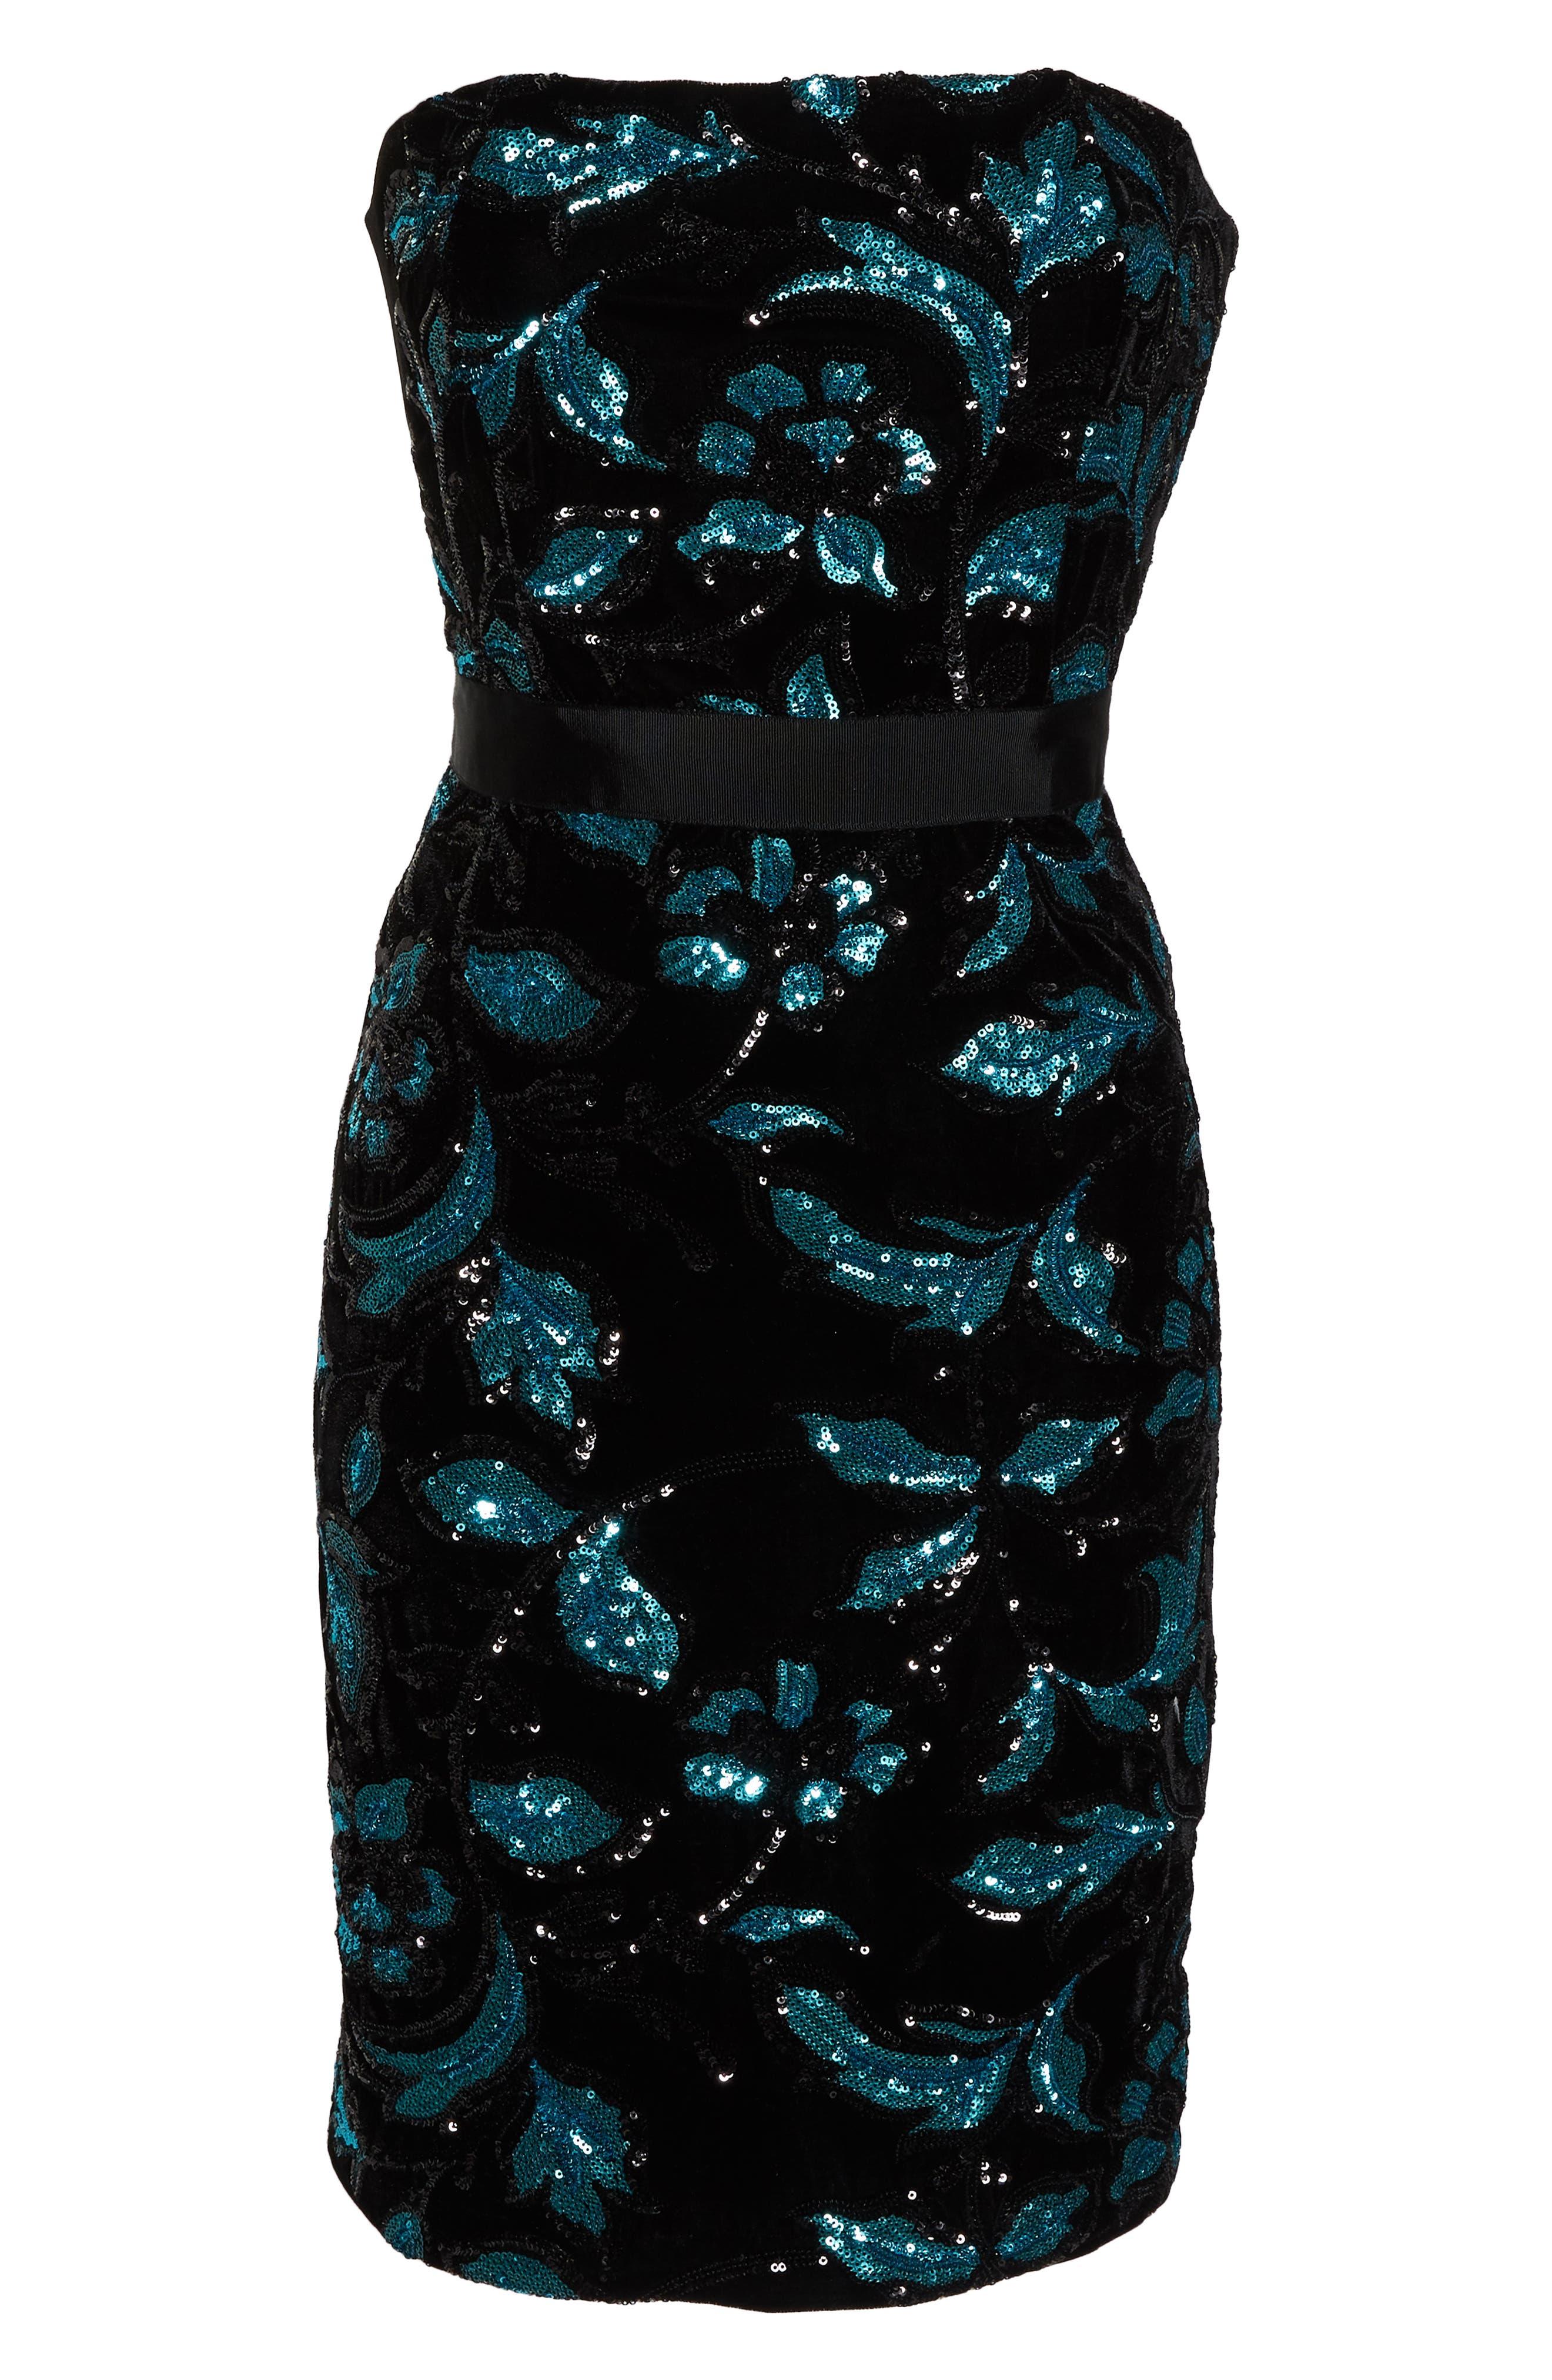 Strapless Sequin Velvet Sheath Dress,                             Alternate thumbnail 7, color,                             BLACK/ TEAL